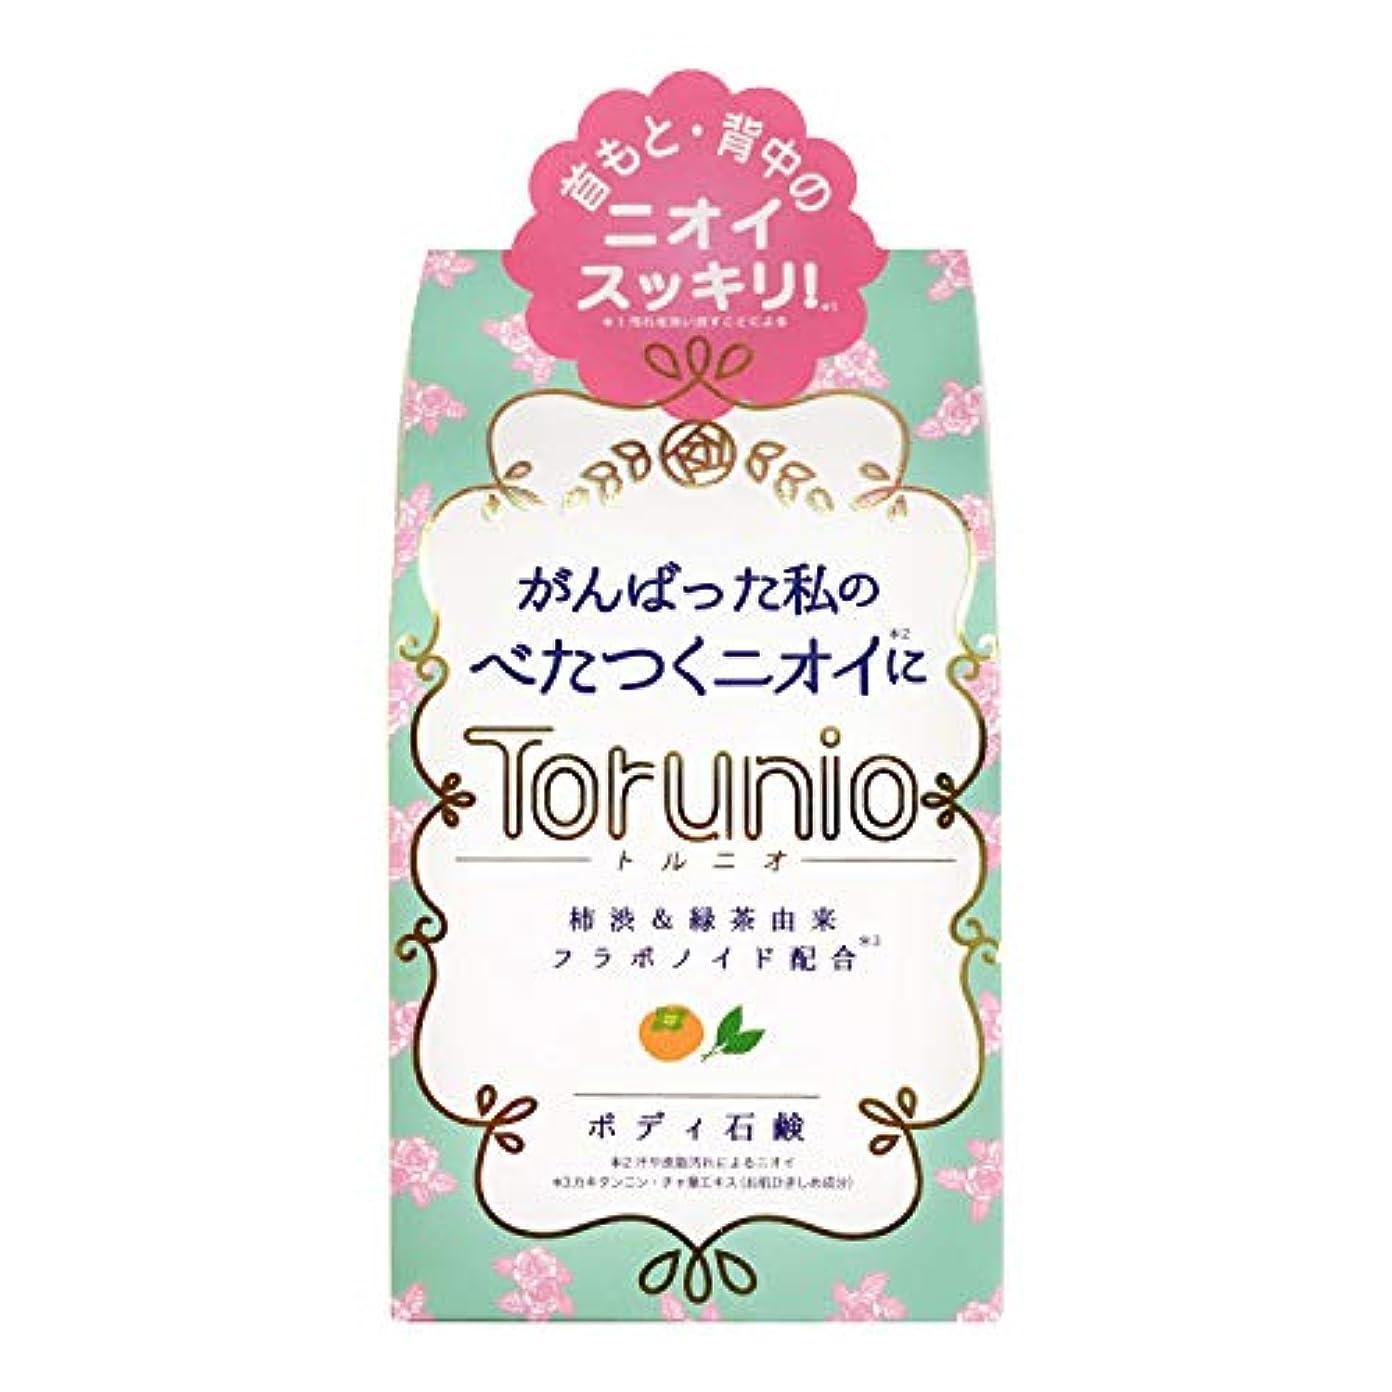 減少感性不定Torunio(トルニオ)石鹸 100g